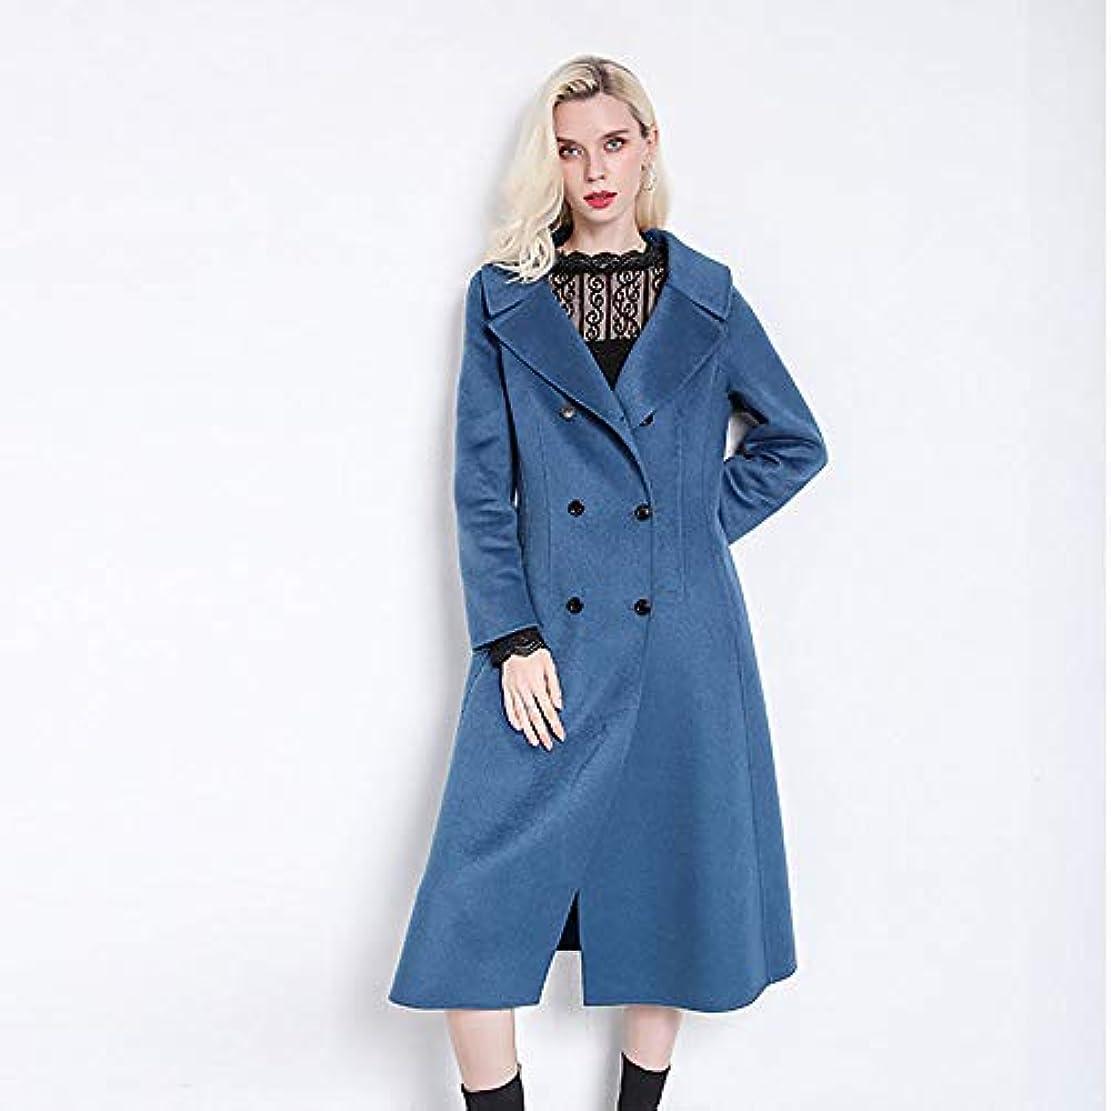 ファブリック北東頑固なウールコート、秋と冬の新しいコート両面ウールコートレディースジャケットレディース?コートレディースウインドブレーカージャケット,ブルー,XL